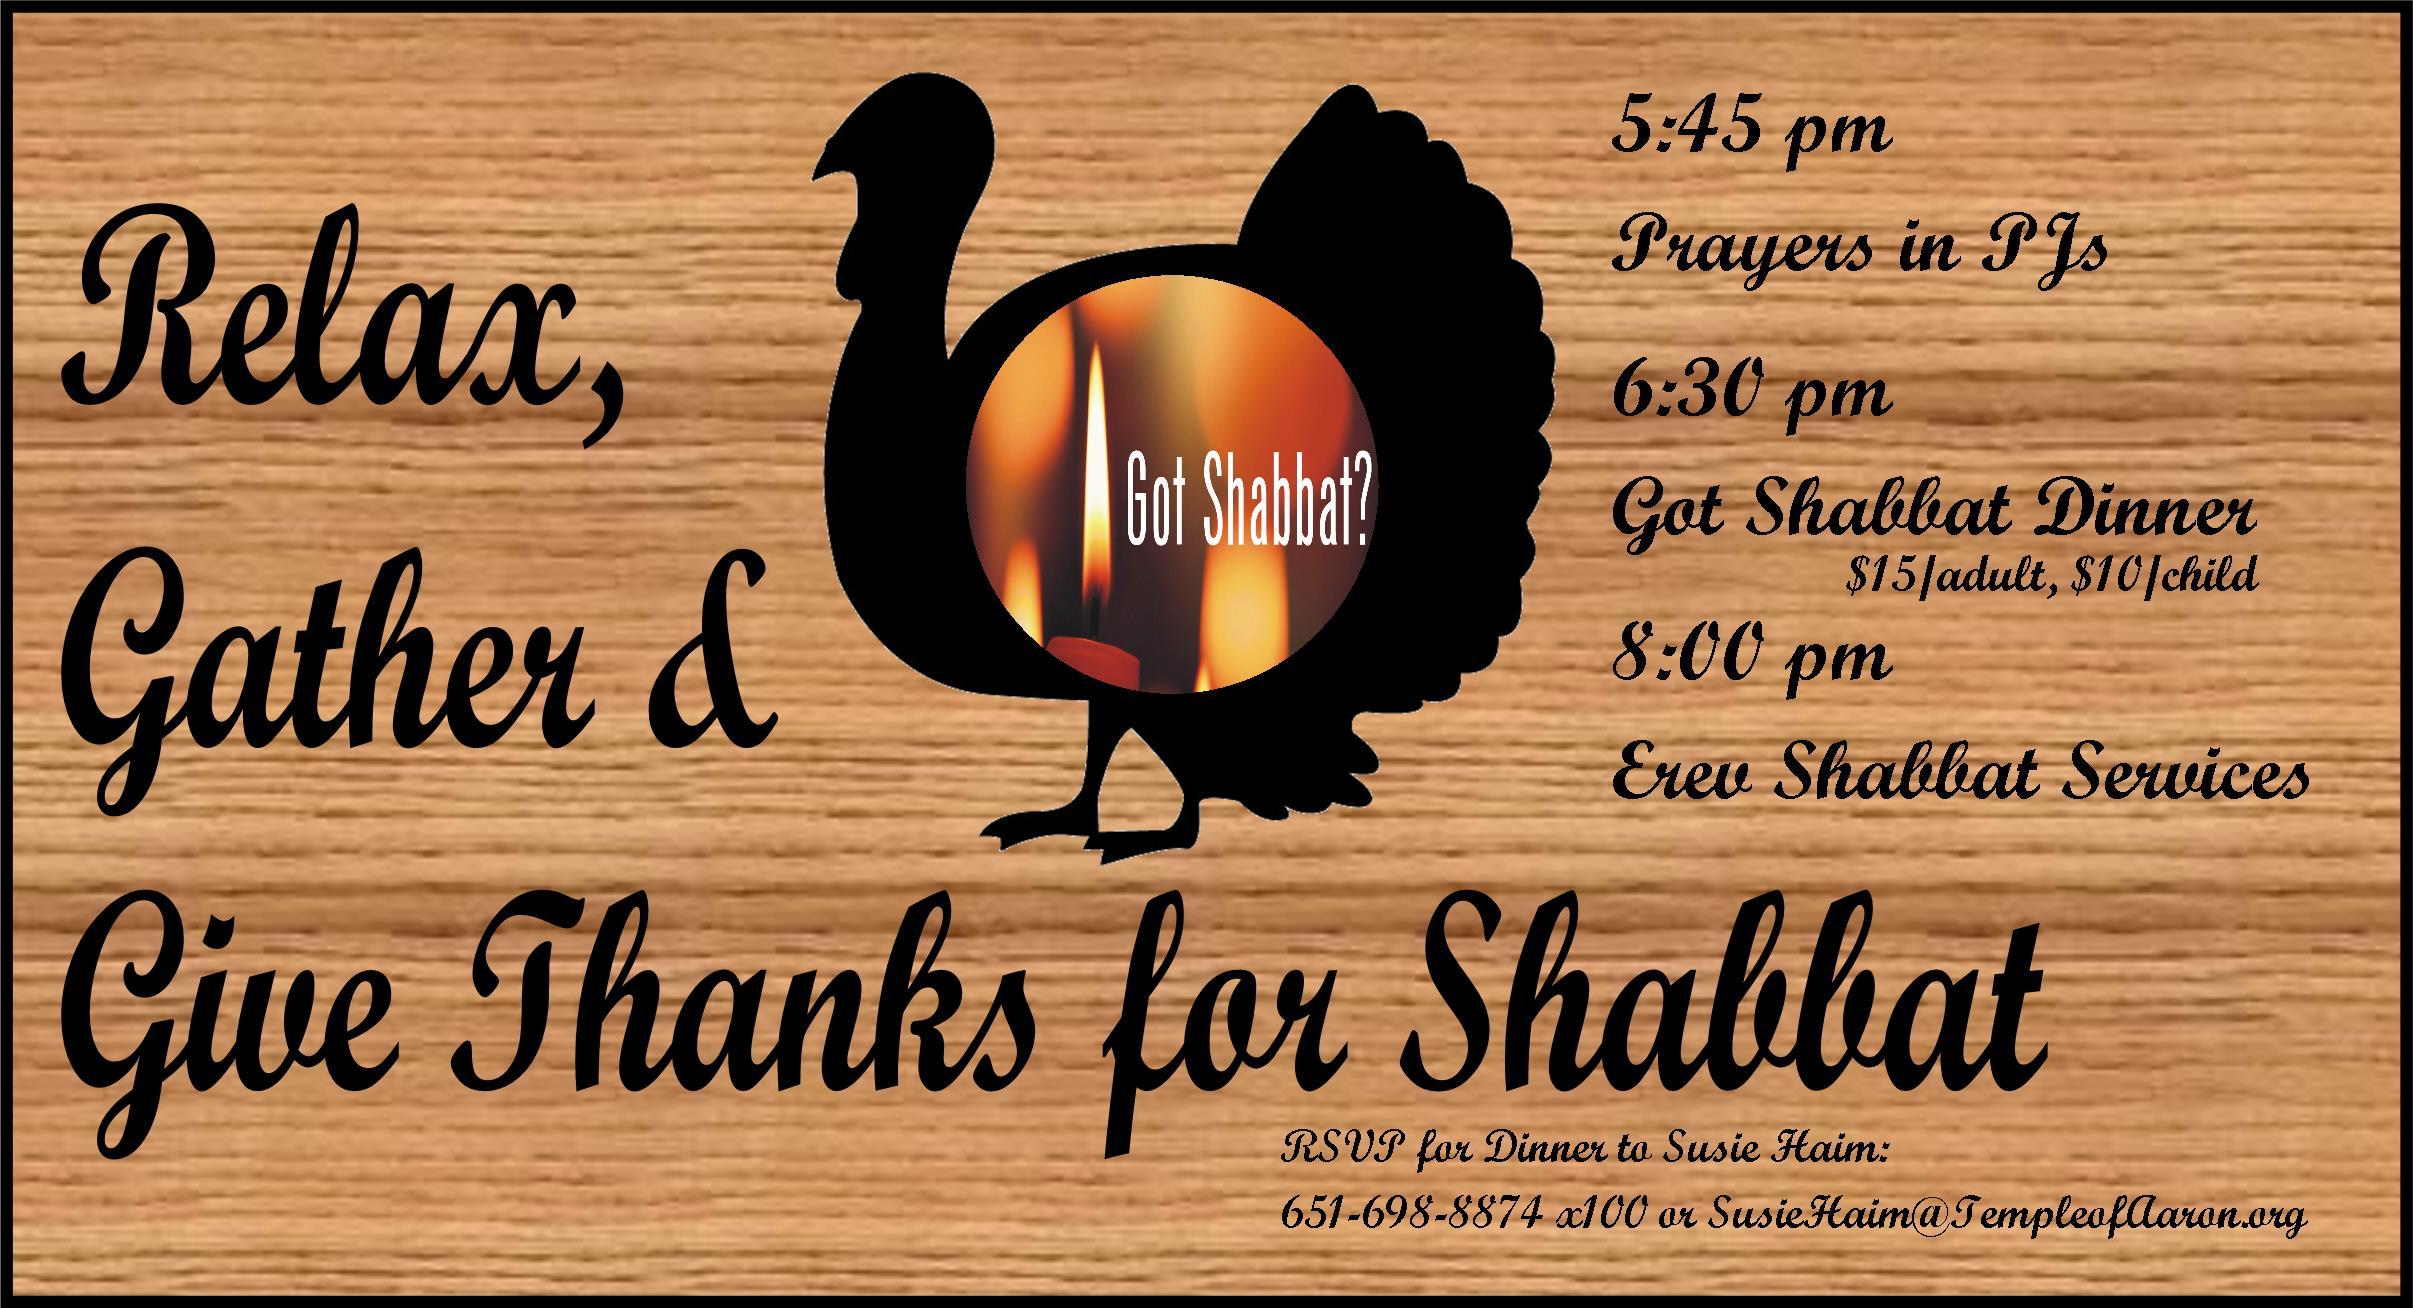 Thanksgiving Dinner Got Shabbat